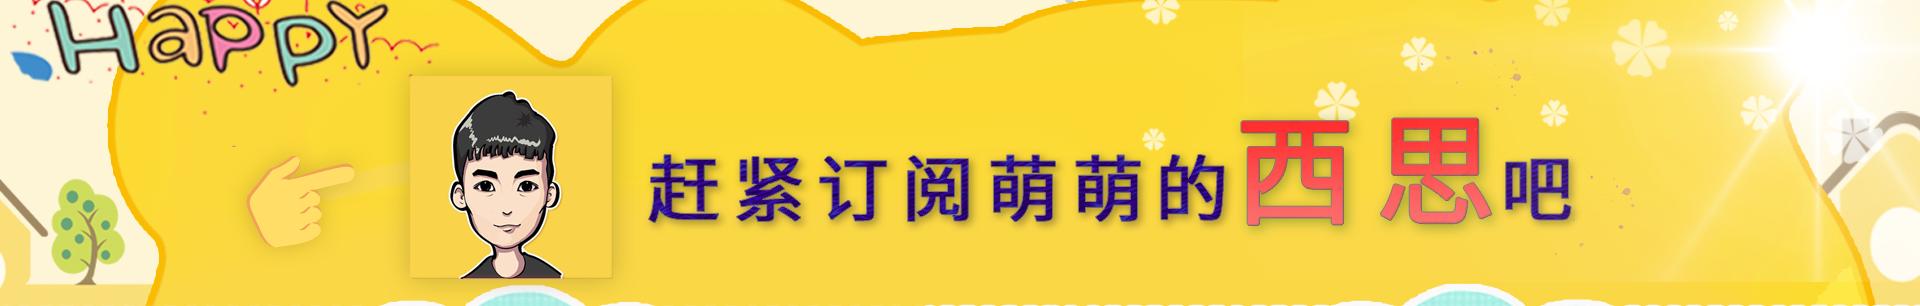 西思游戏解说 banner